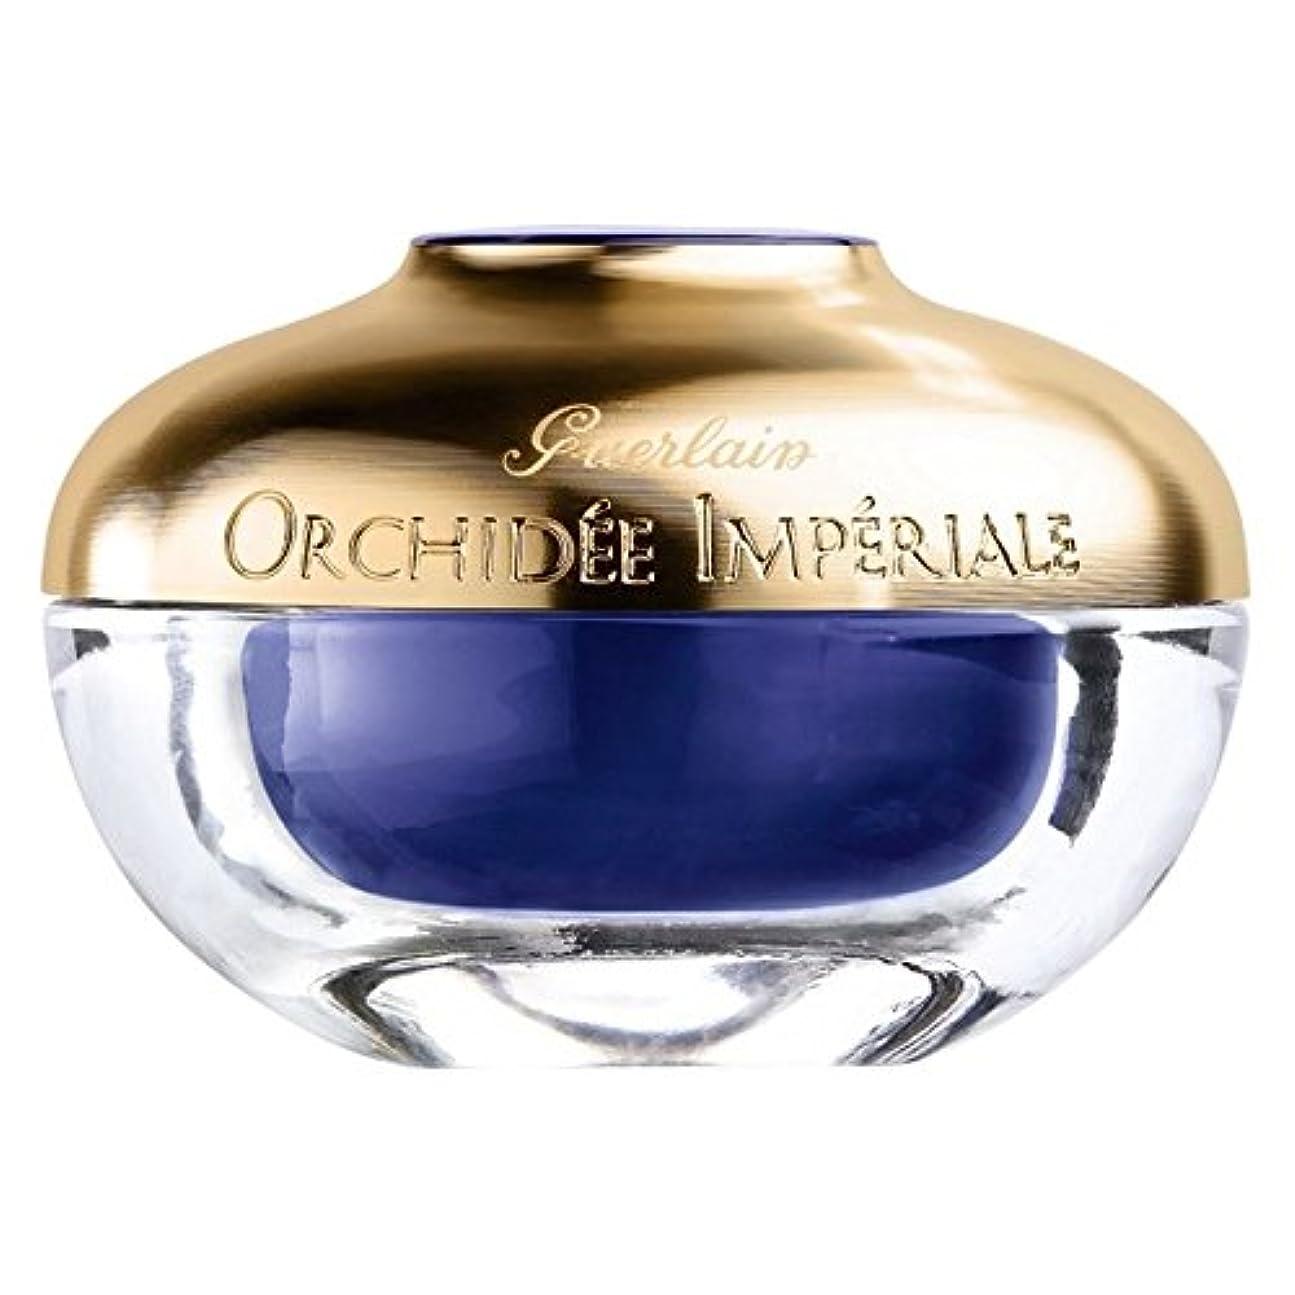 適度に冒険吹雪[Guerlain] Orchid?eではのリアルエクセプショナルコンプリートケアクリーム、50ミリリットル - Orchid?e Imp?riale Exceptional Complete Care Cream, 50ml...